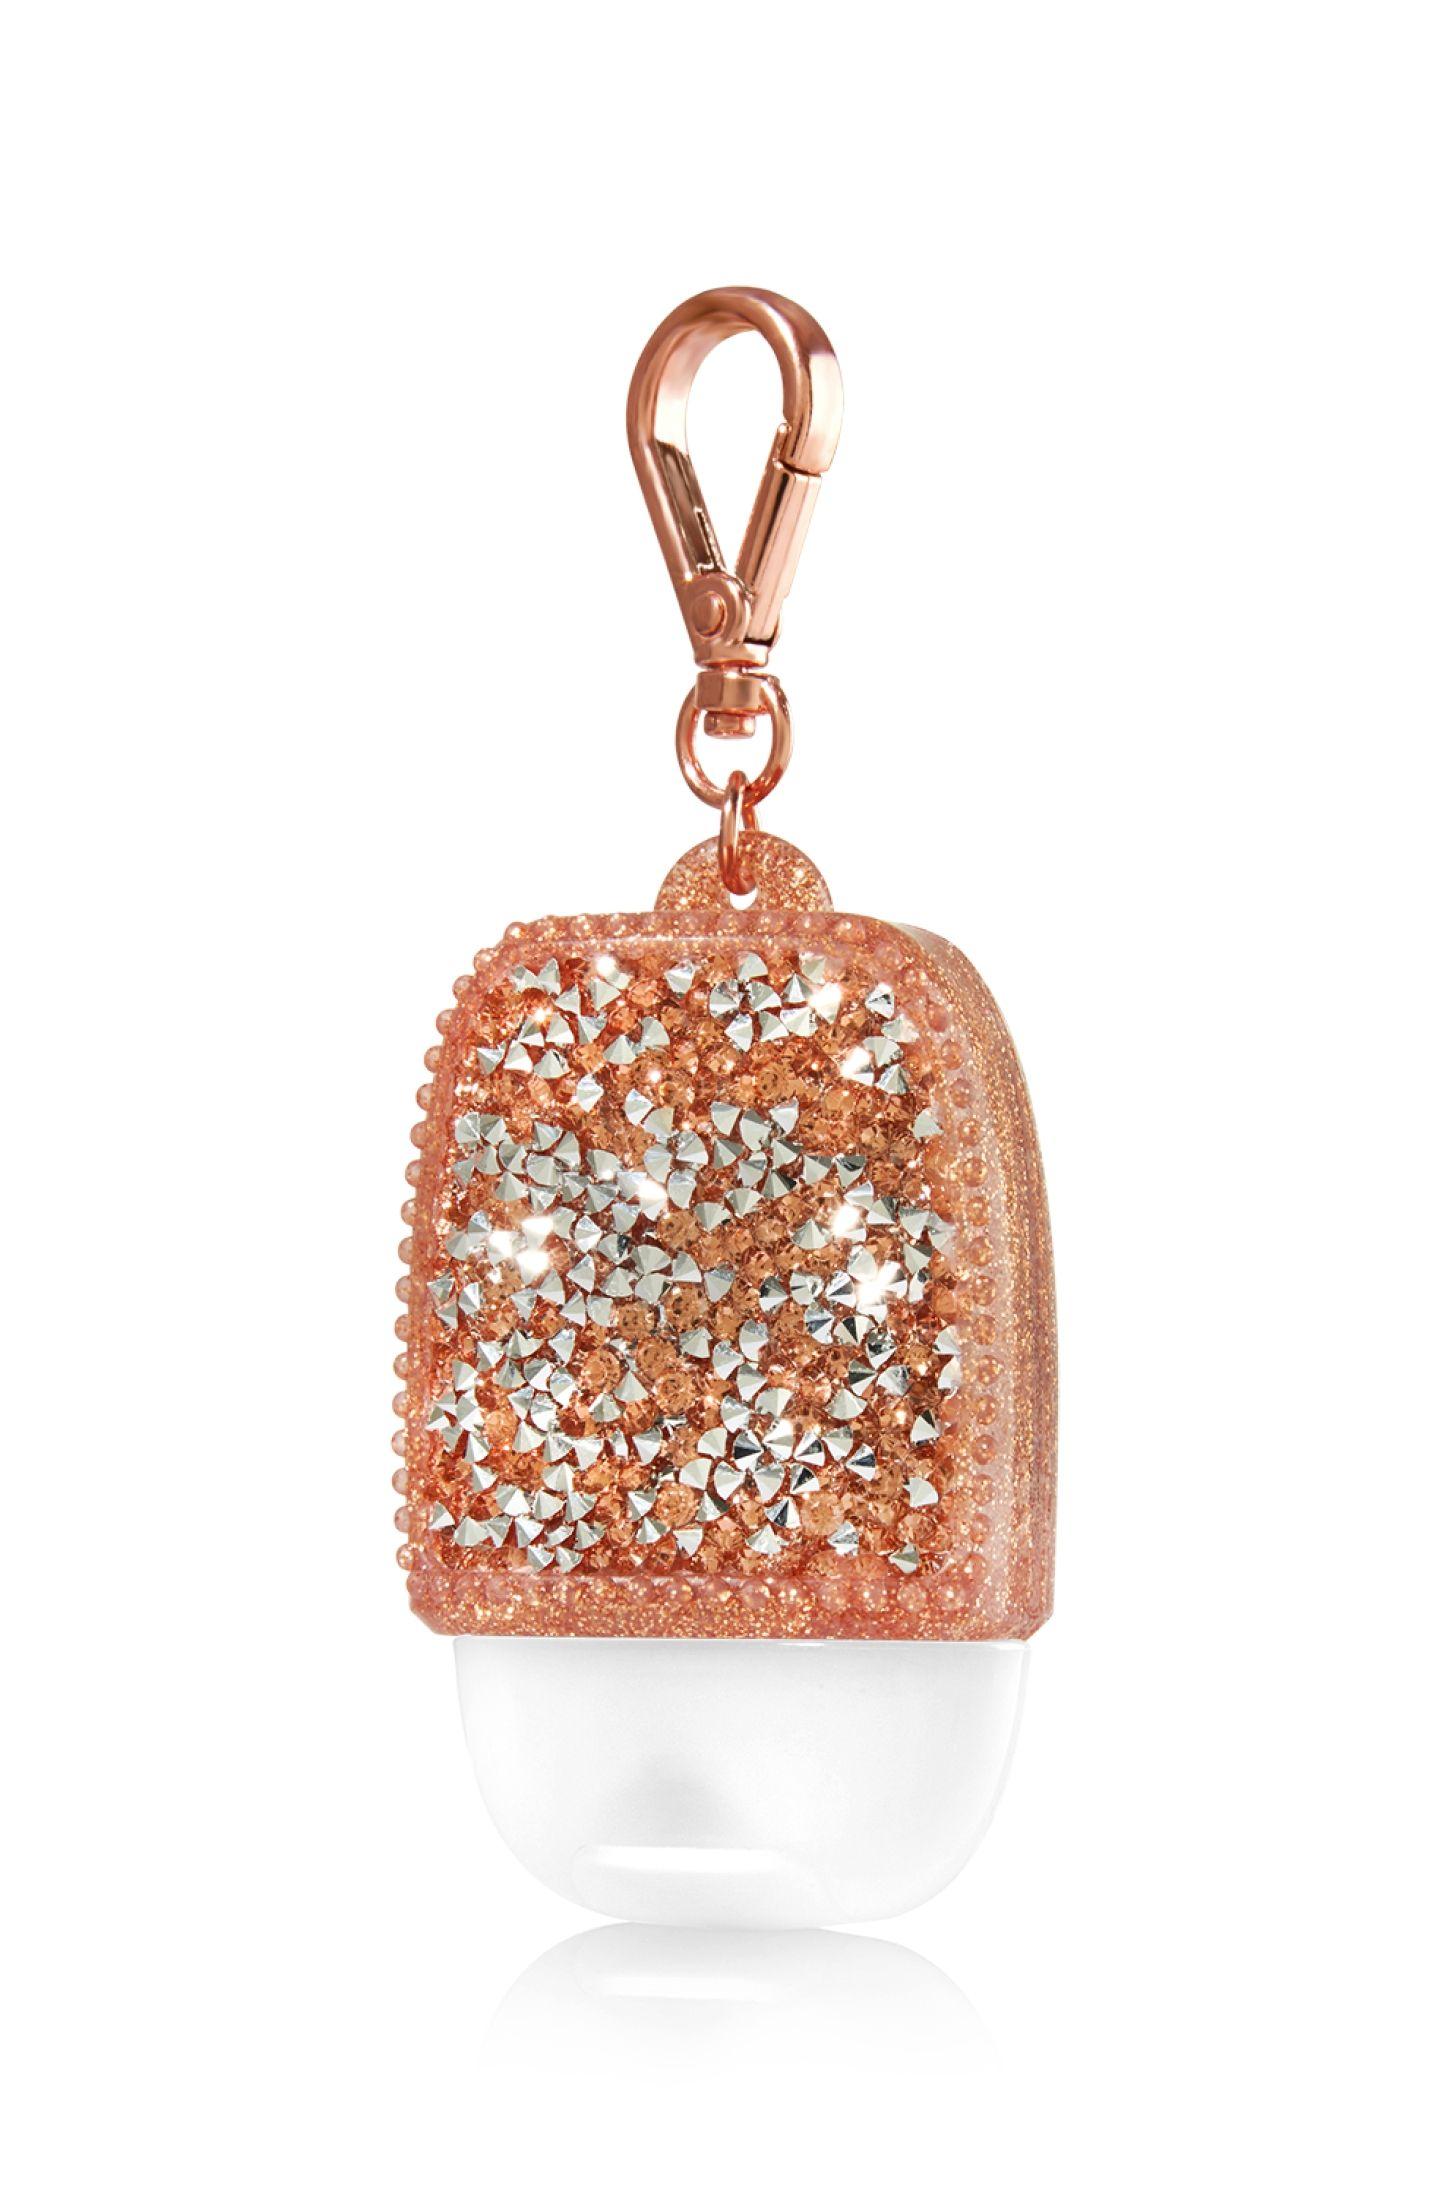 Glitzy Gems Rose Gold Pocketbac Holder Bath Body Works